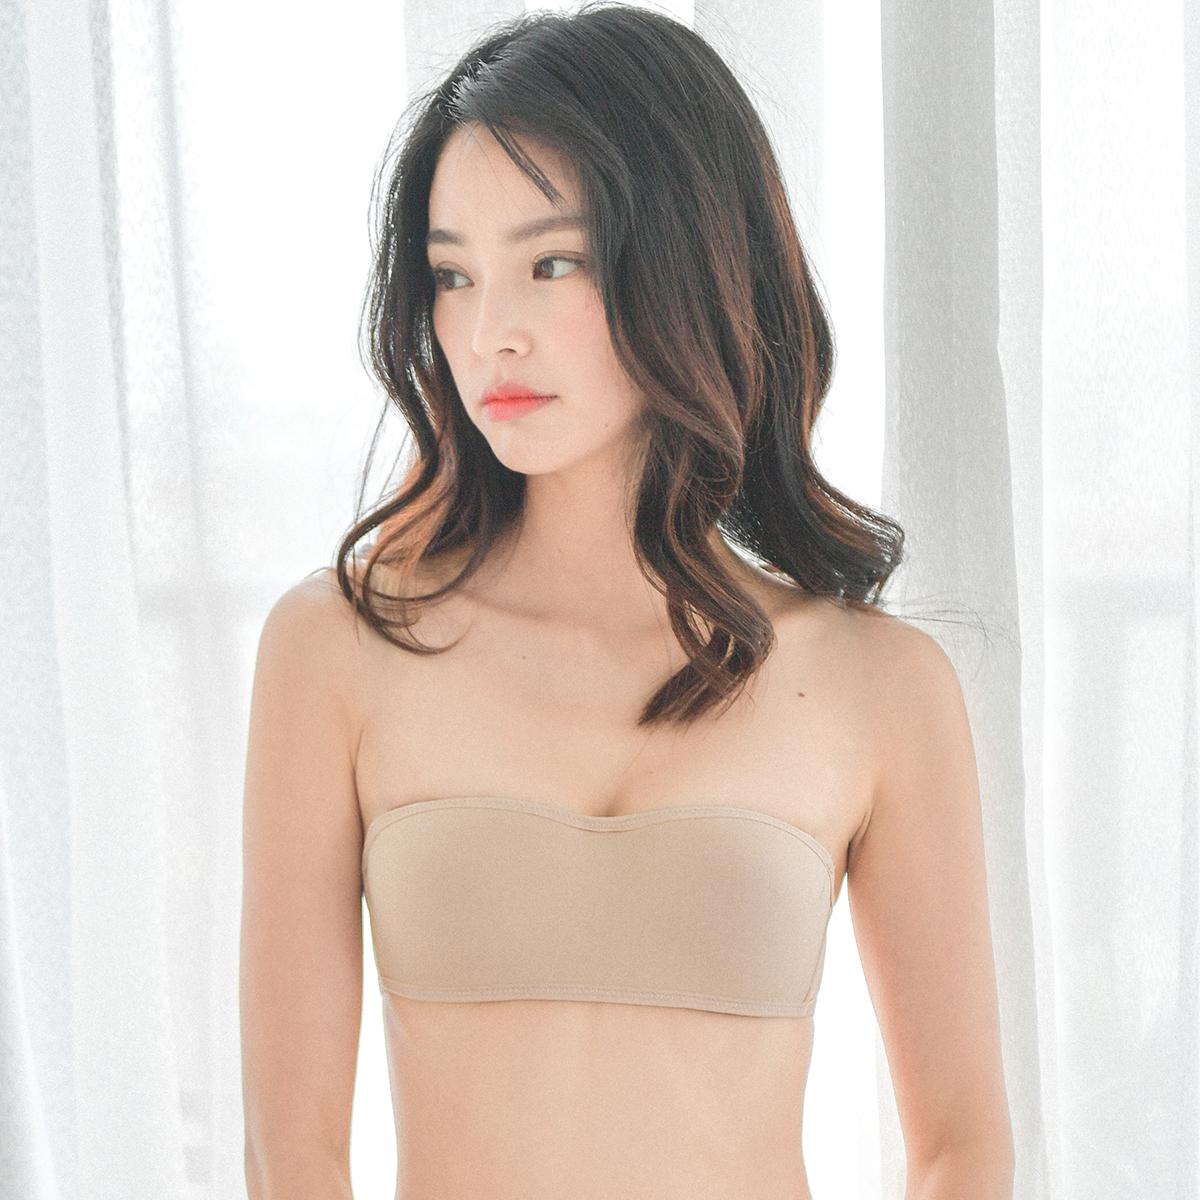 无肩带隐形文胸罩性感无痕内衣女无钢圈薄款婚纱聚拢防滑抹胸夏季